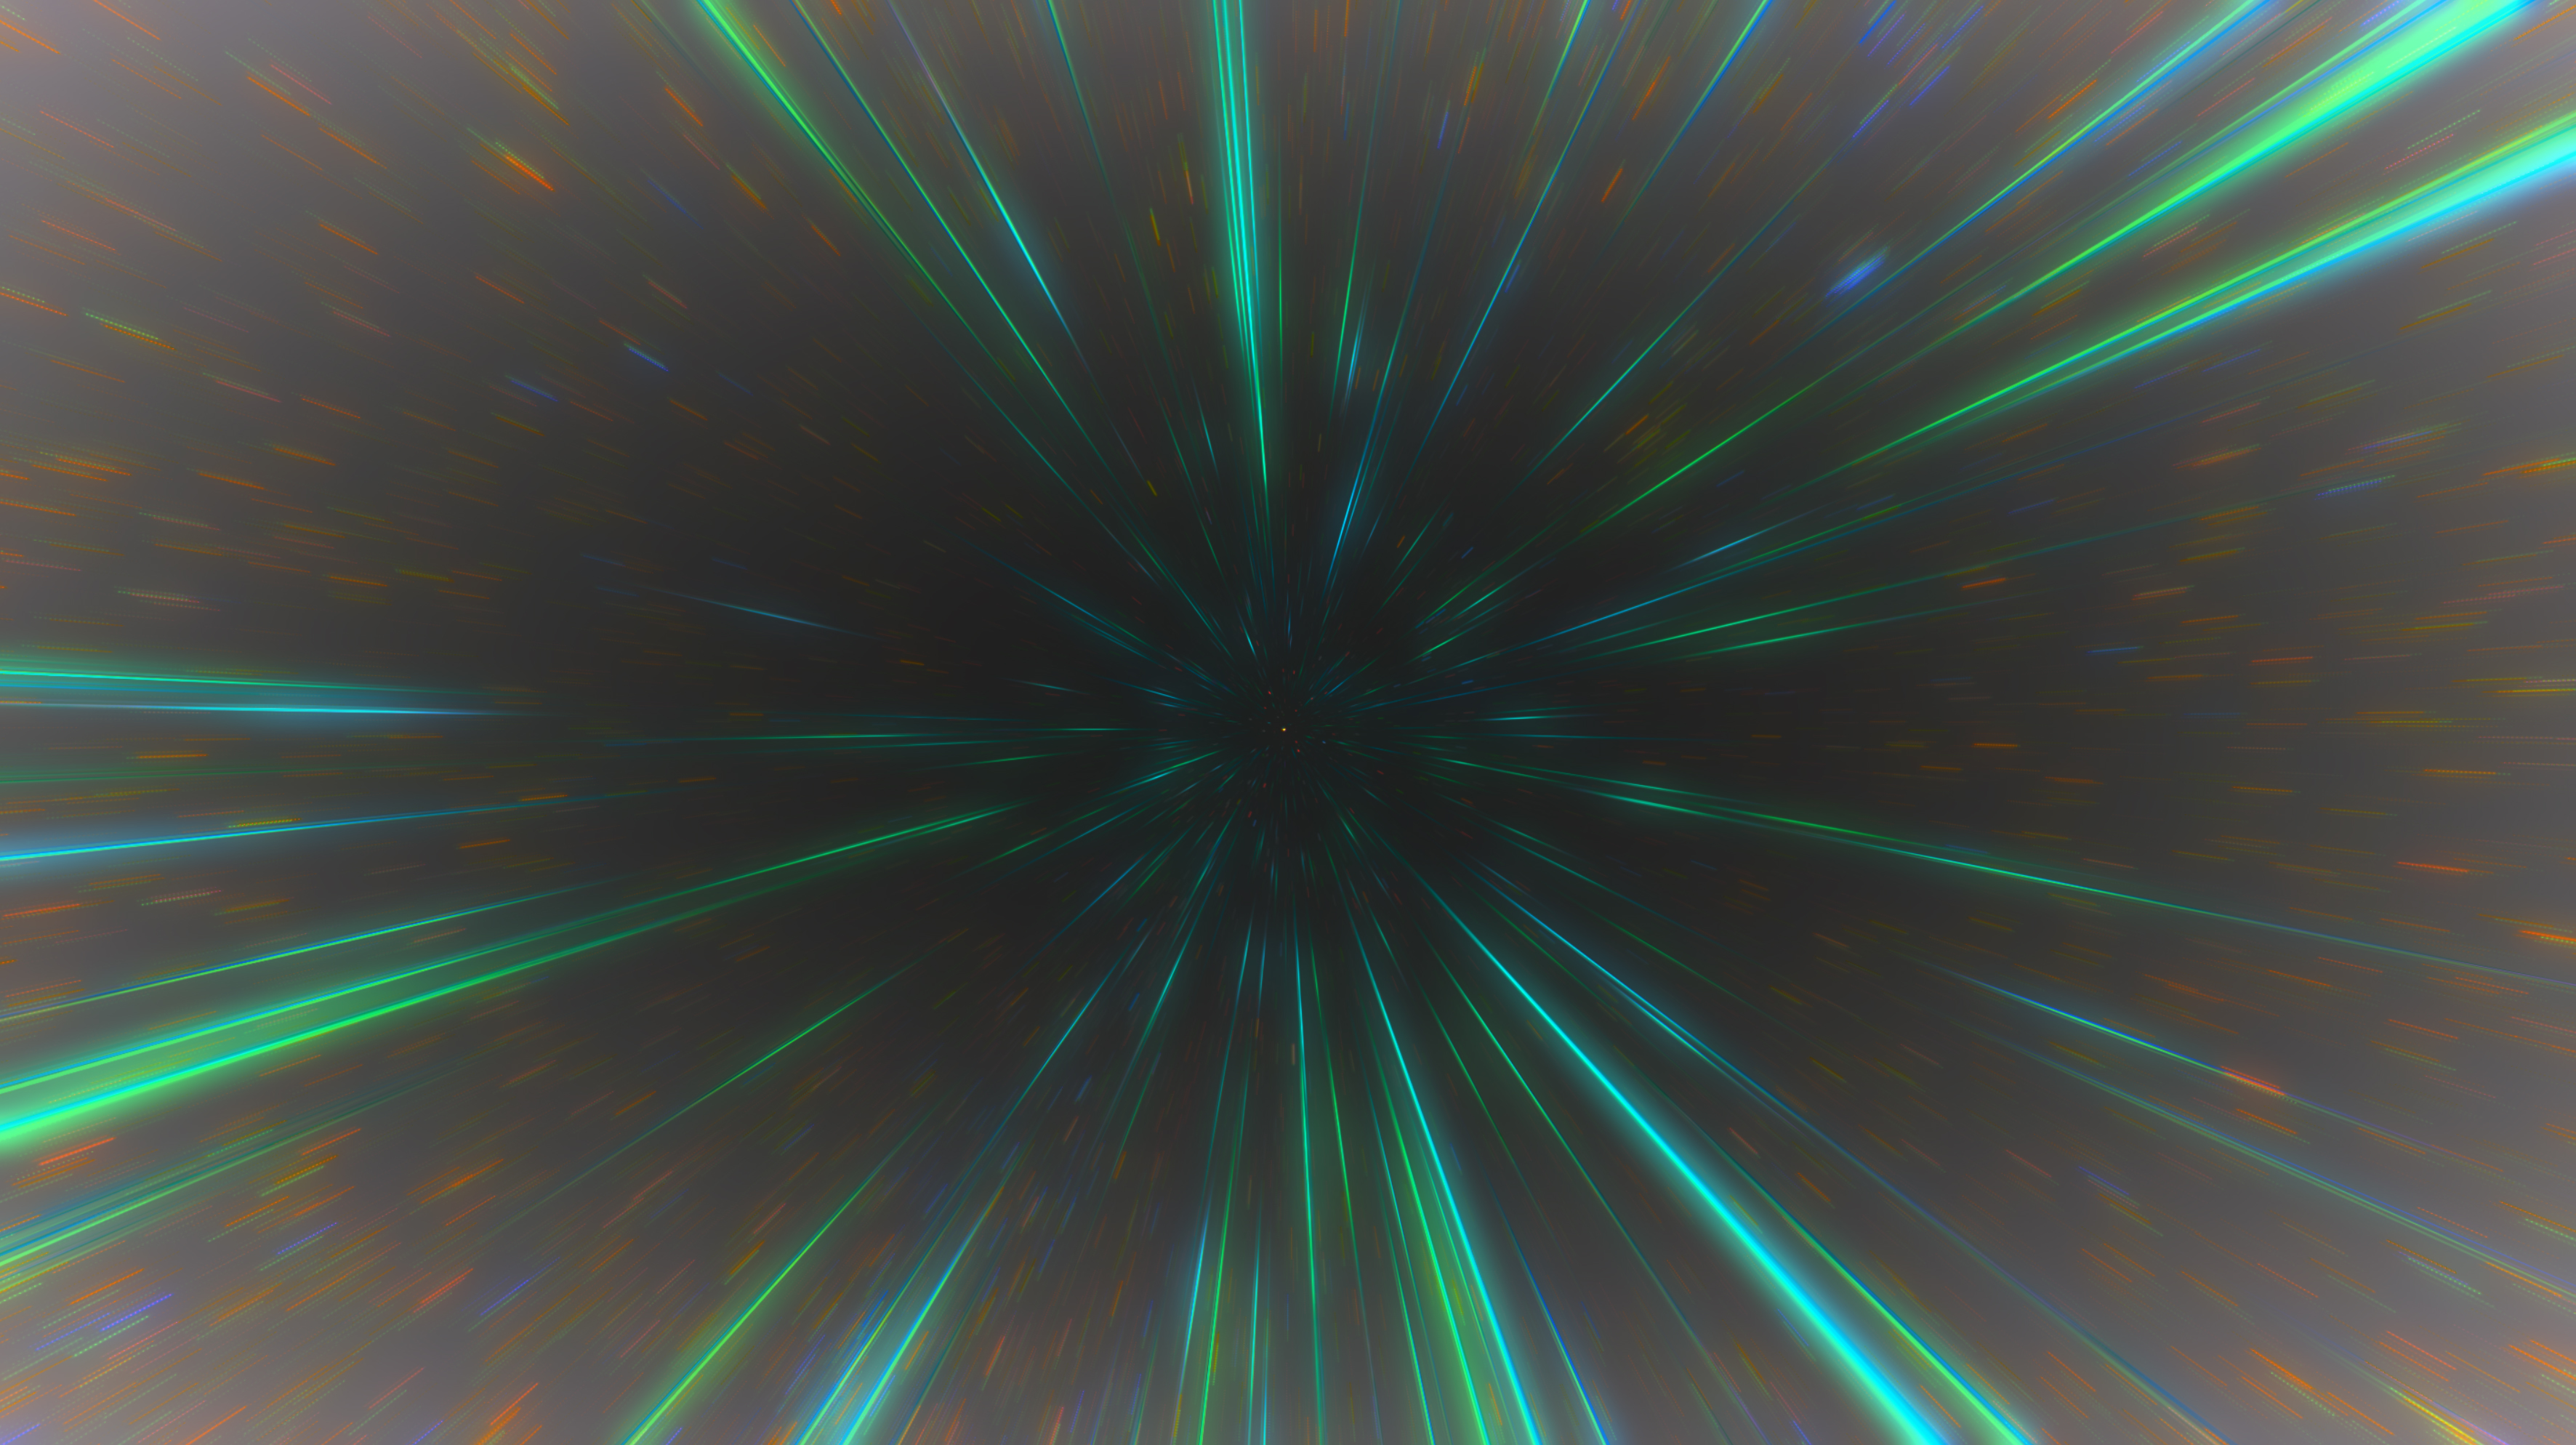 Stargazer4